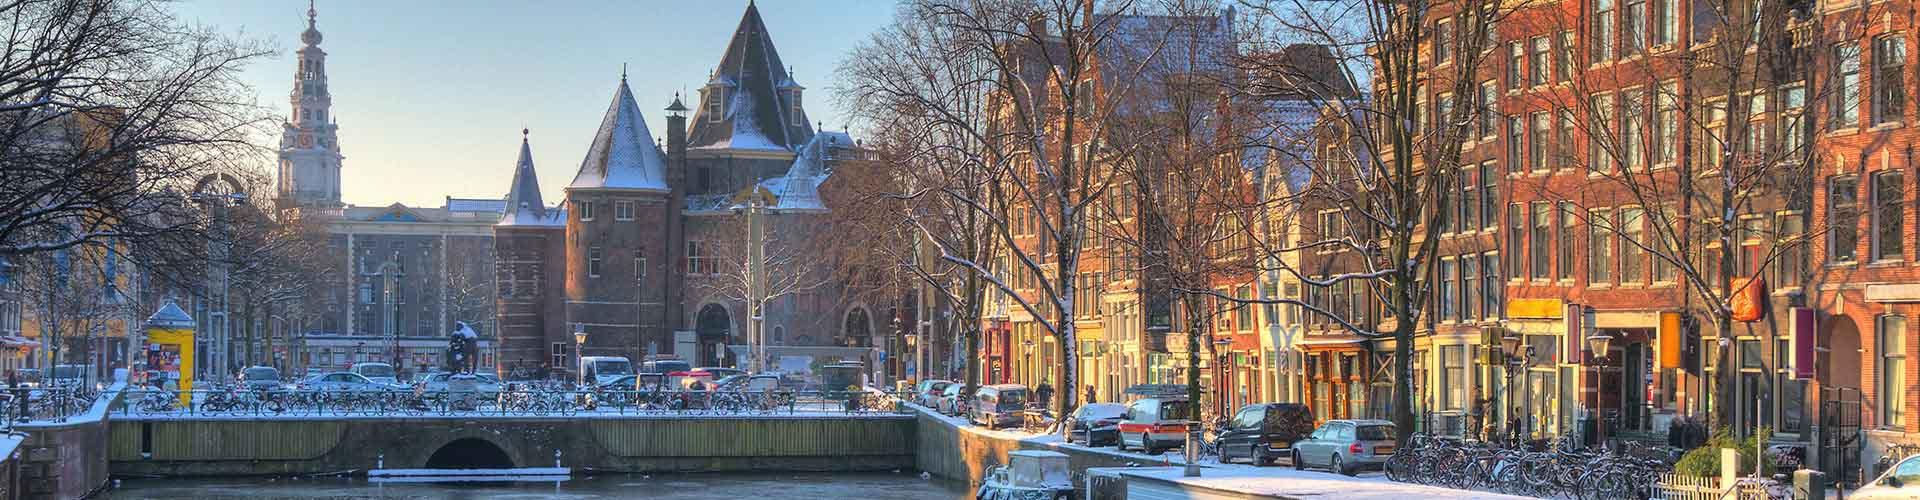 Amsterdam - Habitaciones cerca a Nieuwmarkt. Mapas de Amsterdam, Fotos y comentarios de cada Habitación en Amsterdam.